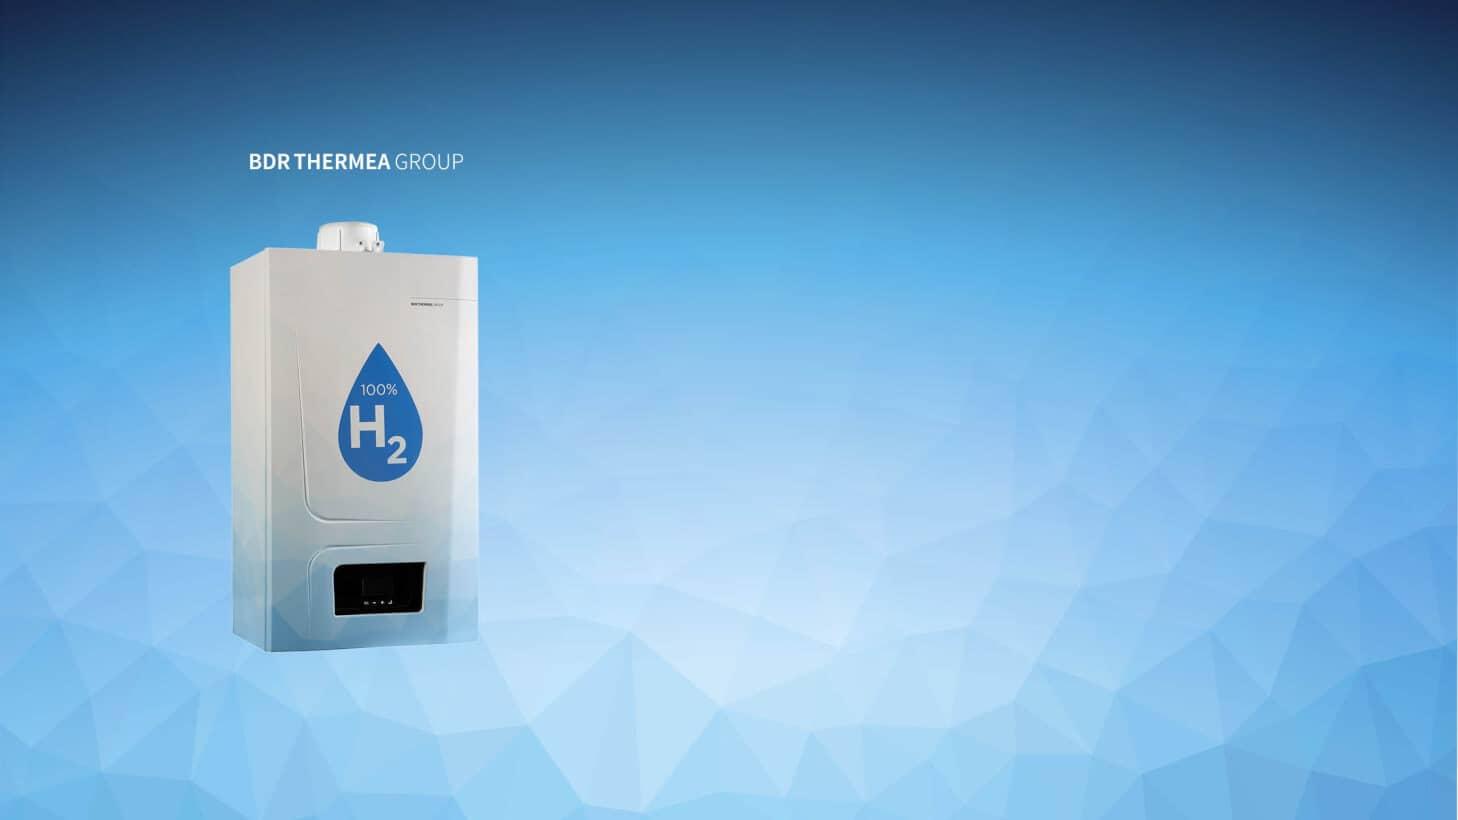 H2 boiler background